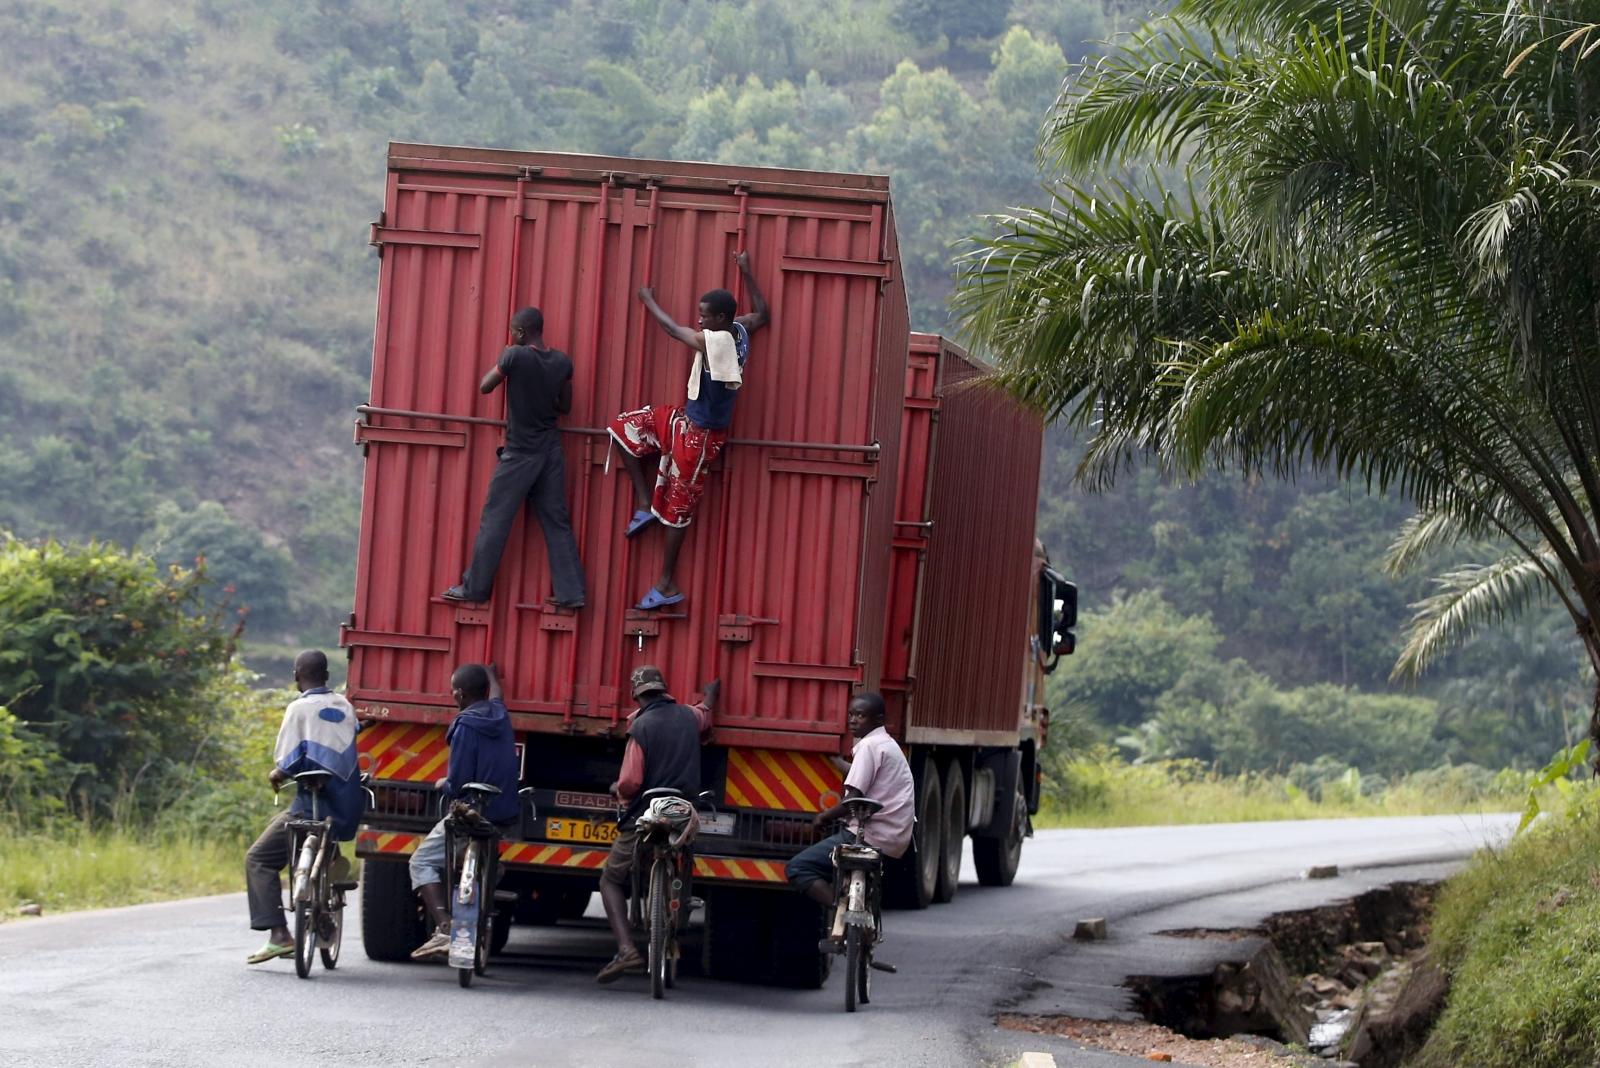 Burundi protesters escape